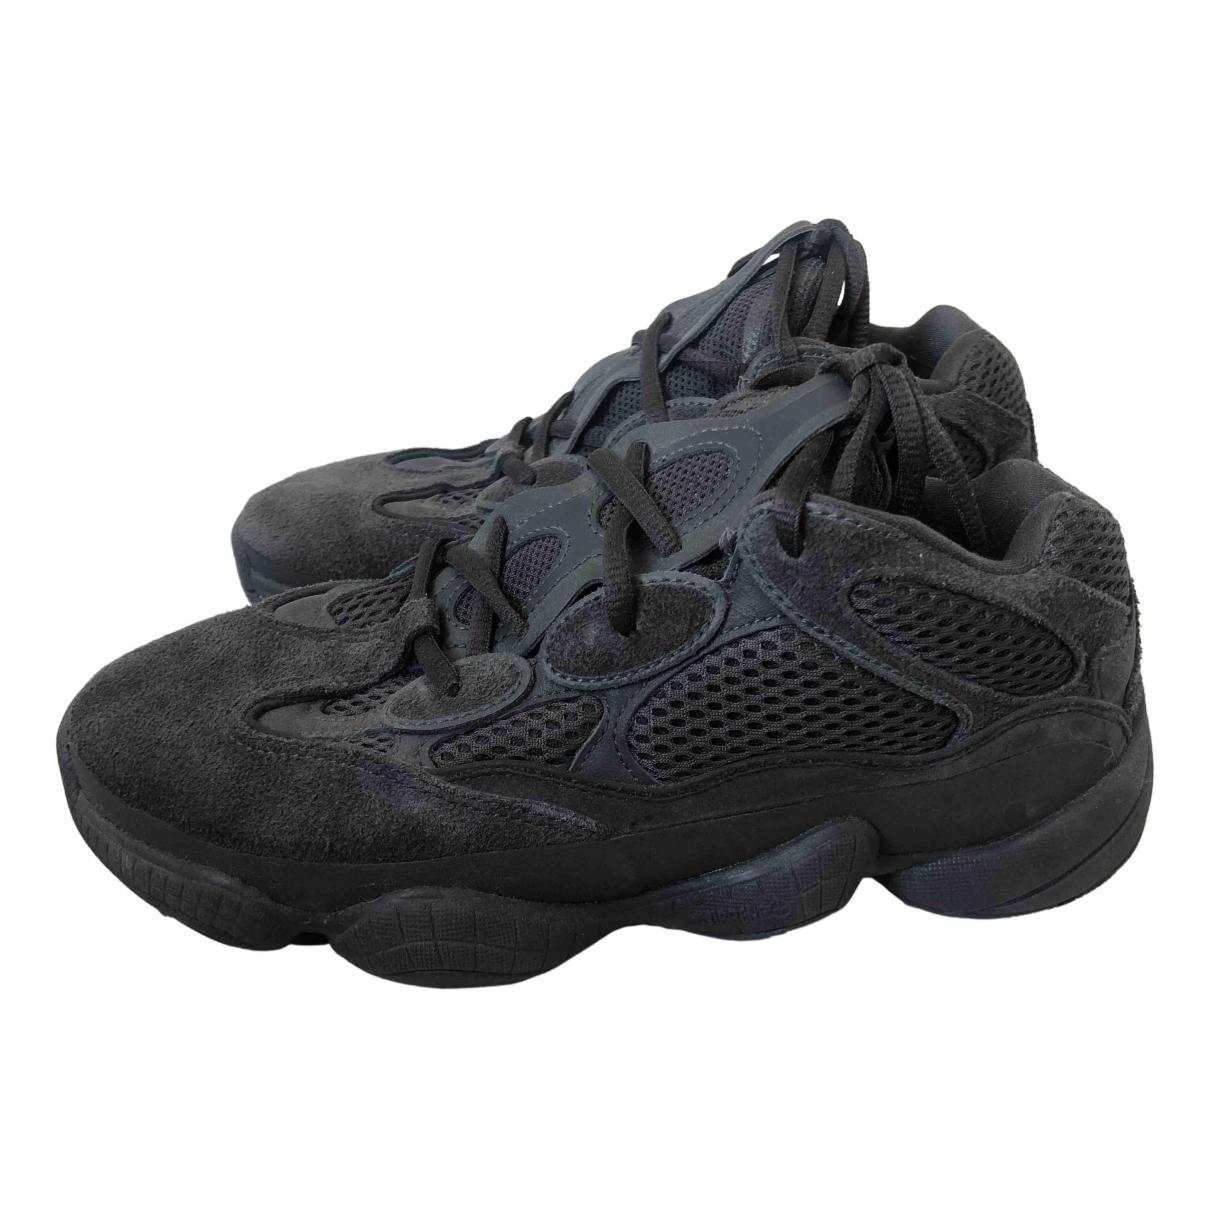 Yeezy X Adidas - Baskets 500 pour femme en cuir - gris